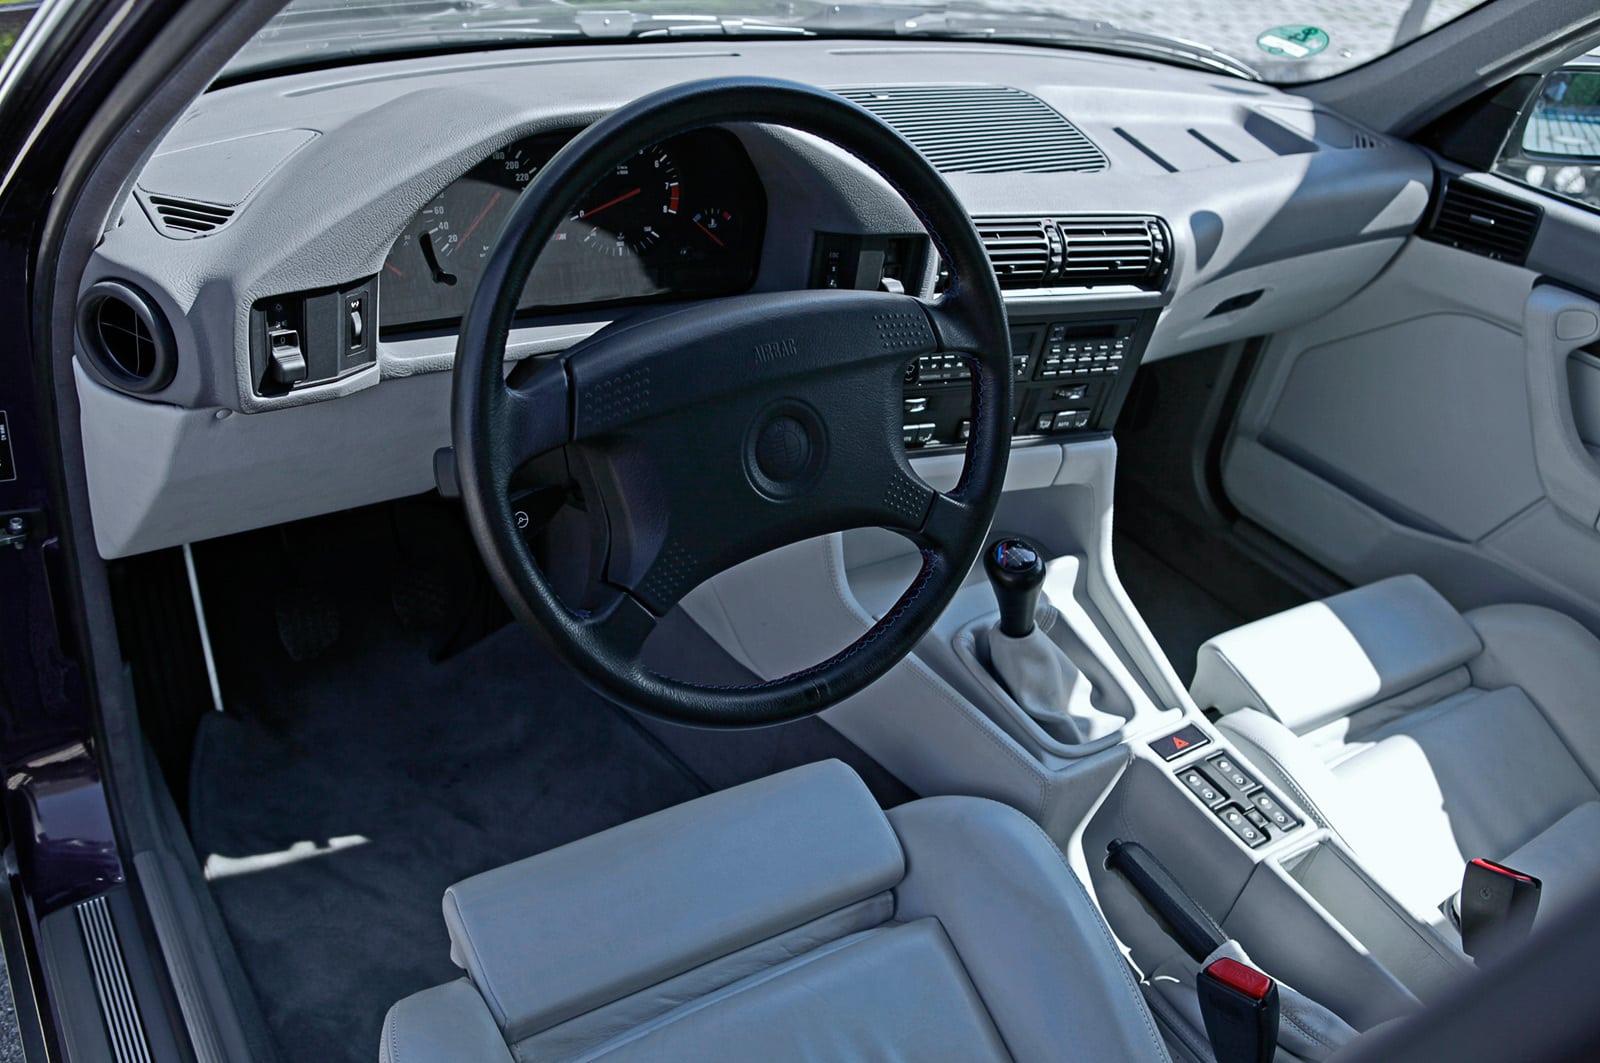 Интерьер простой и лаконичный, несмотря на то что большая его часть затянута в кожу. Клавиши стеклоподъёмников на центральном тоннеле — как у современных бюджетных автомобилей. Во времена BMW E34 такие решения не вызывали негатива. Тем более что тут и двухзонный климат-контроль есть.